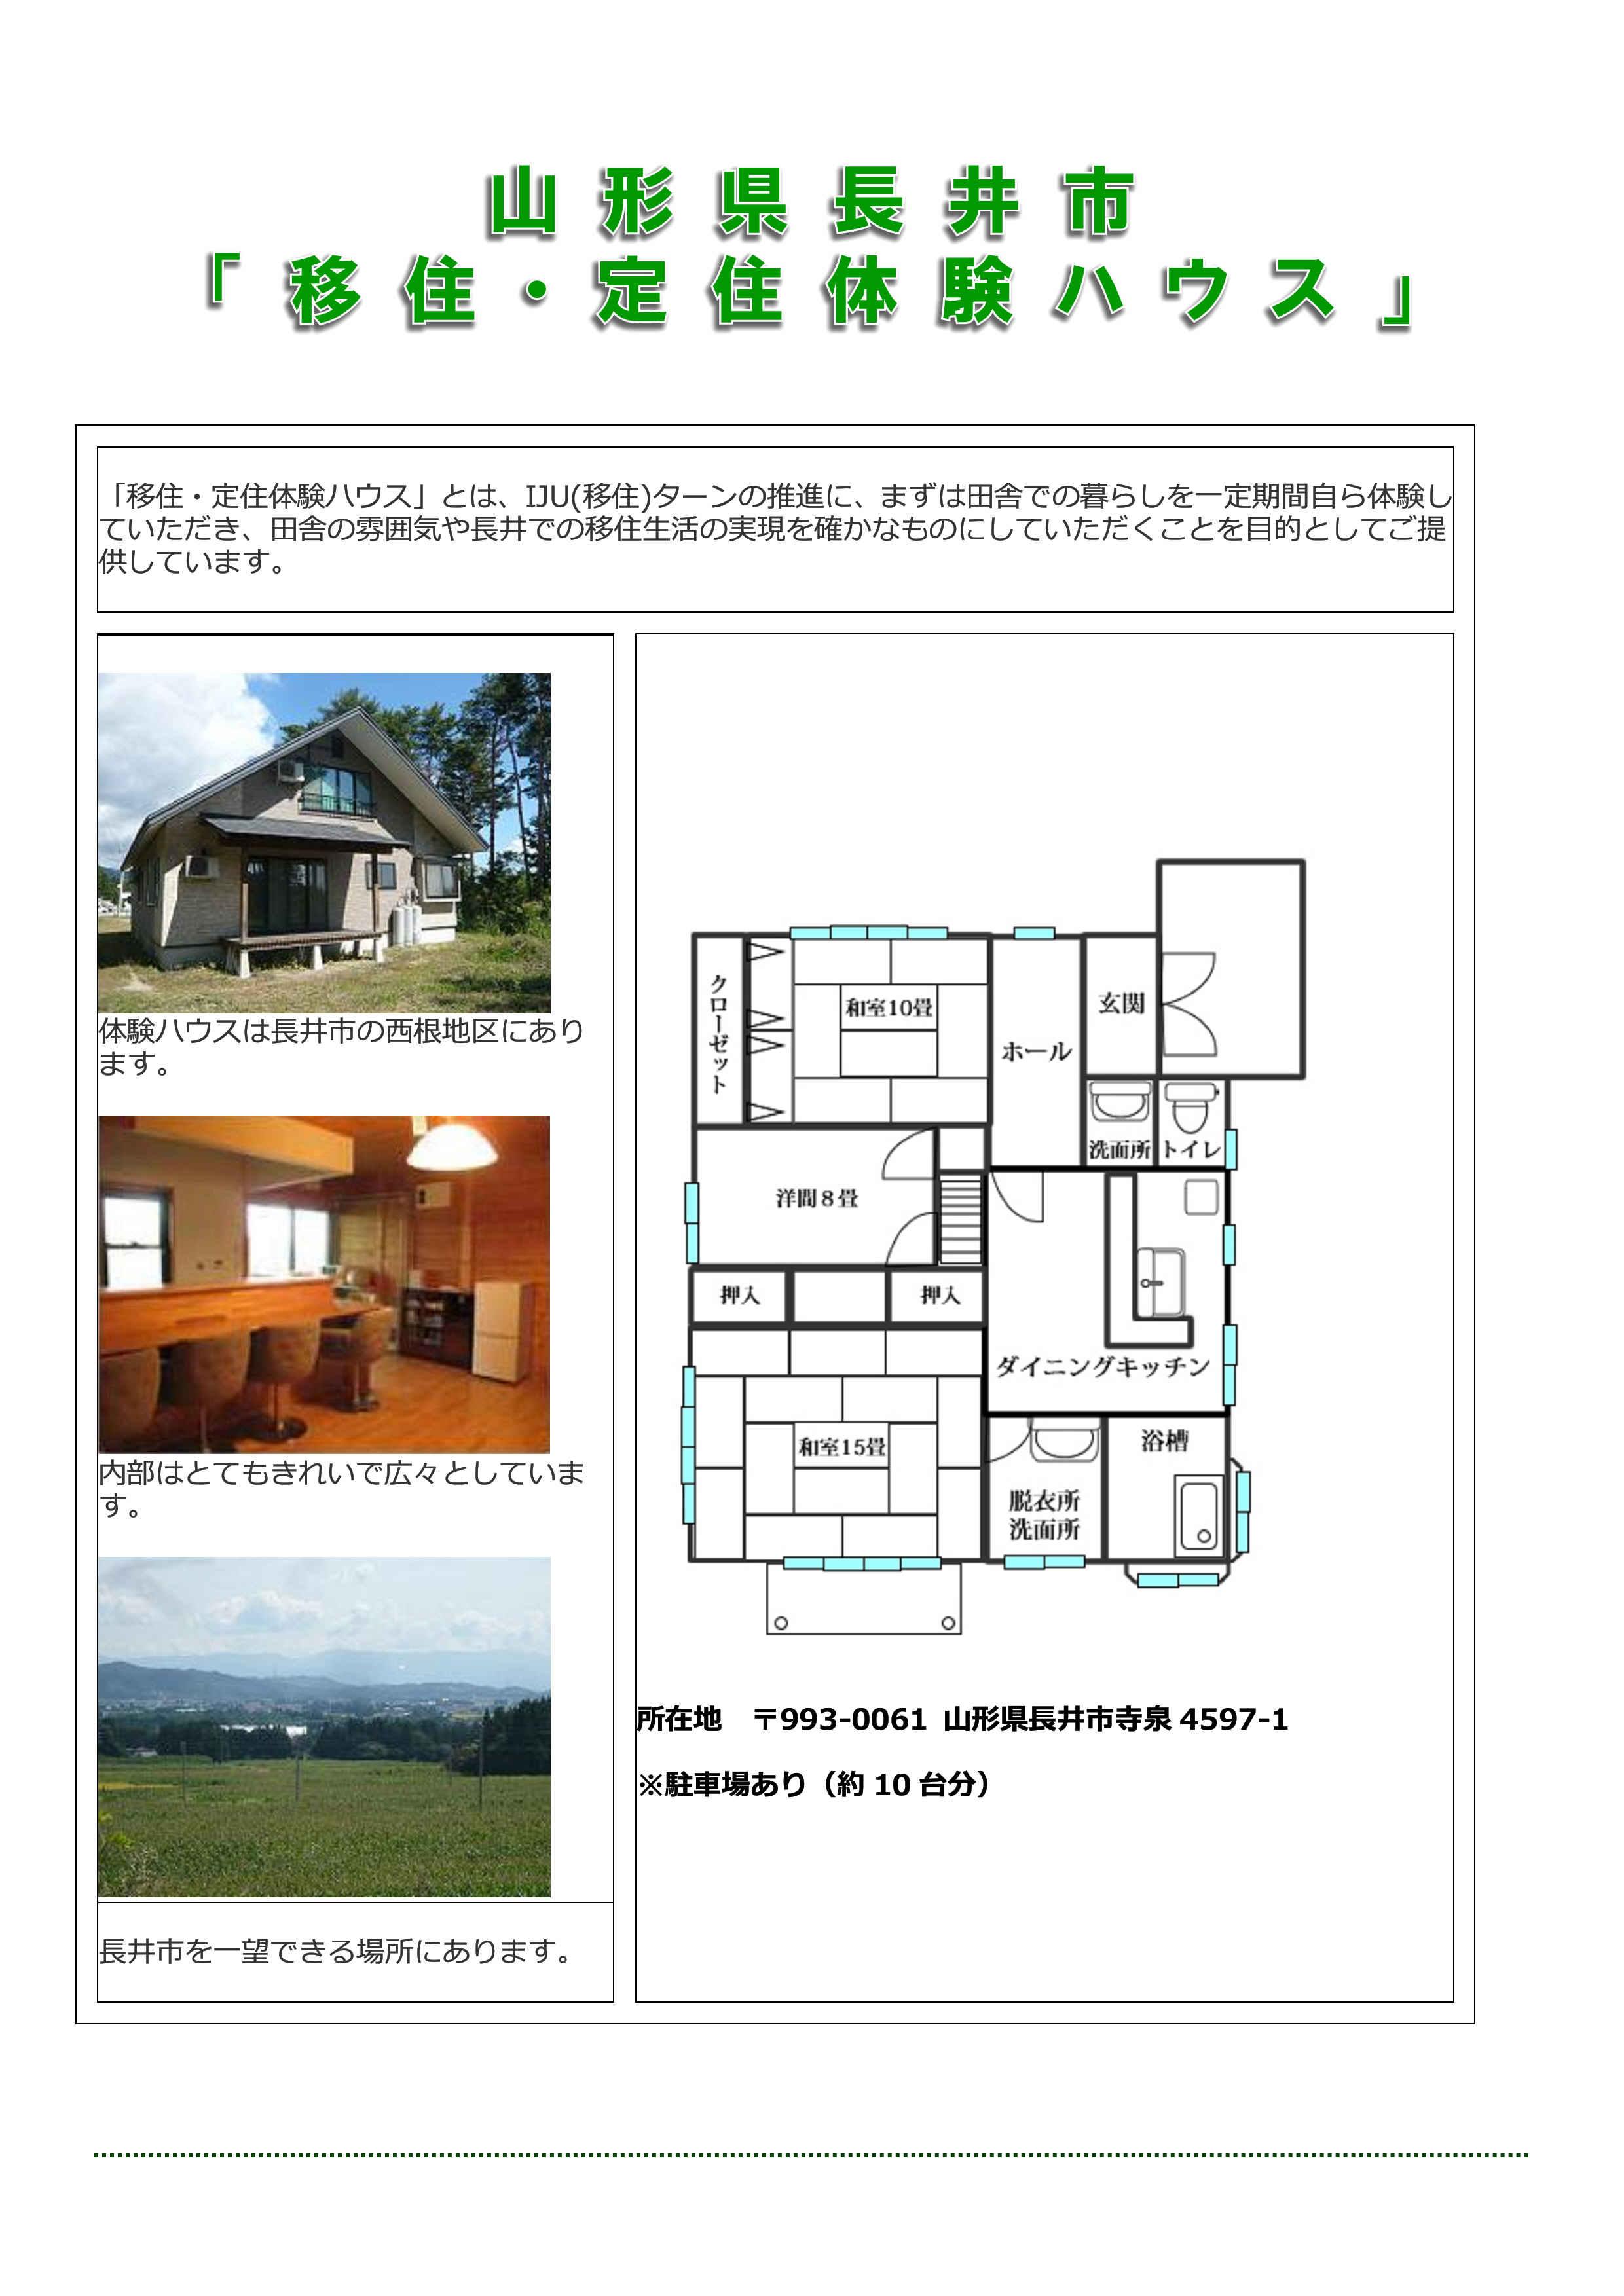 移住・定住「体験ハウス」の入居者を募集します。:画像